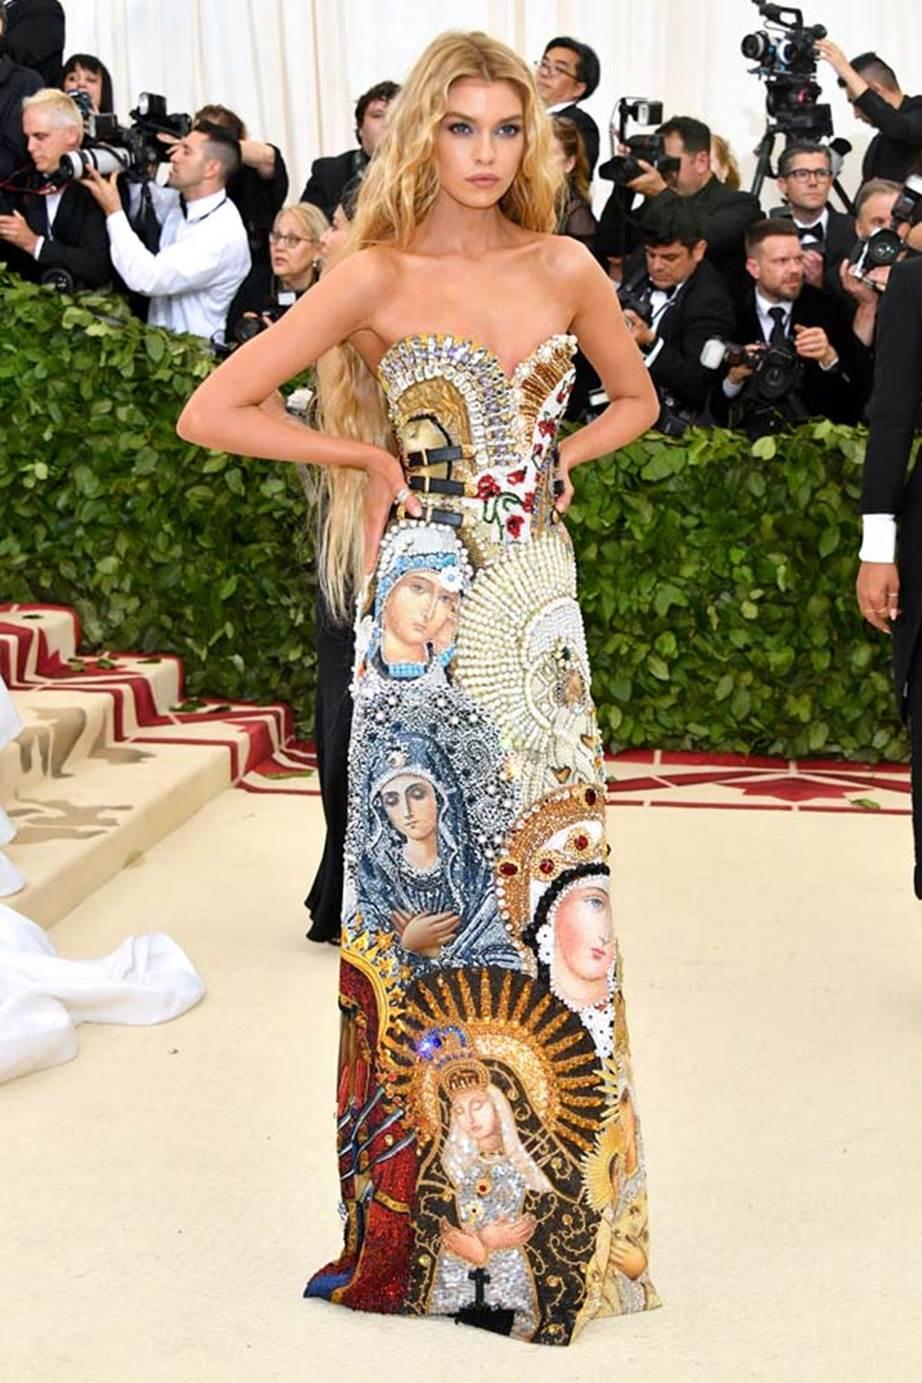 Stella Maxwell mặc thiết kế đầm của Moschino với họa tiết là hình Đức mẹ Maria.